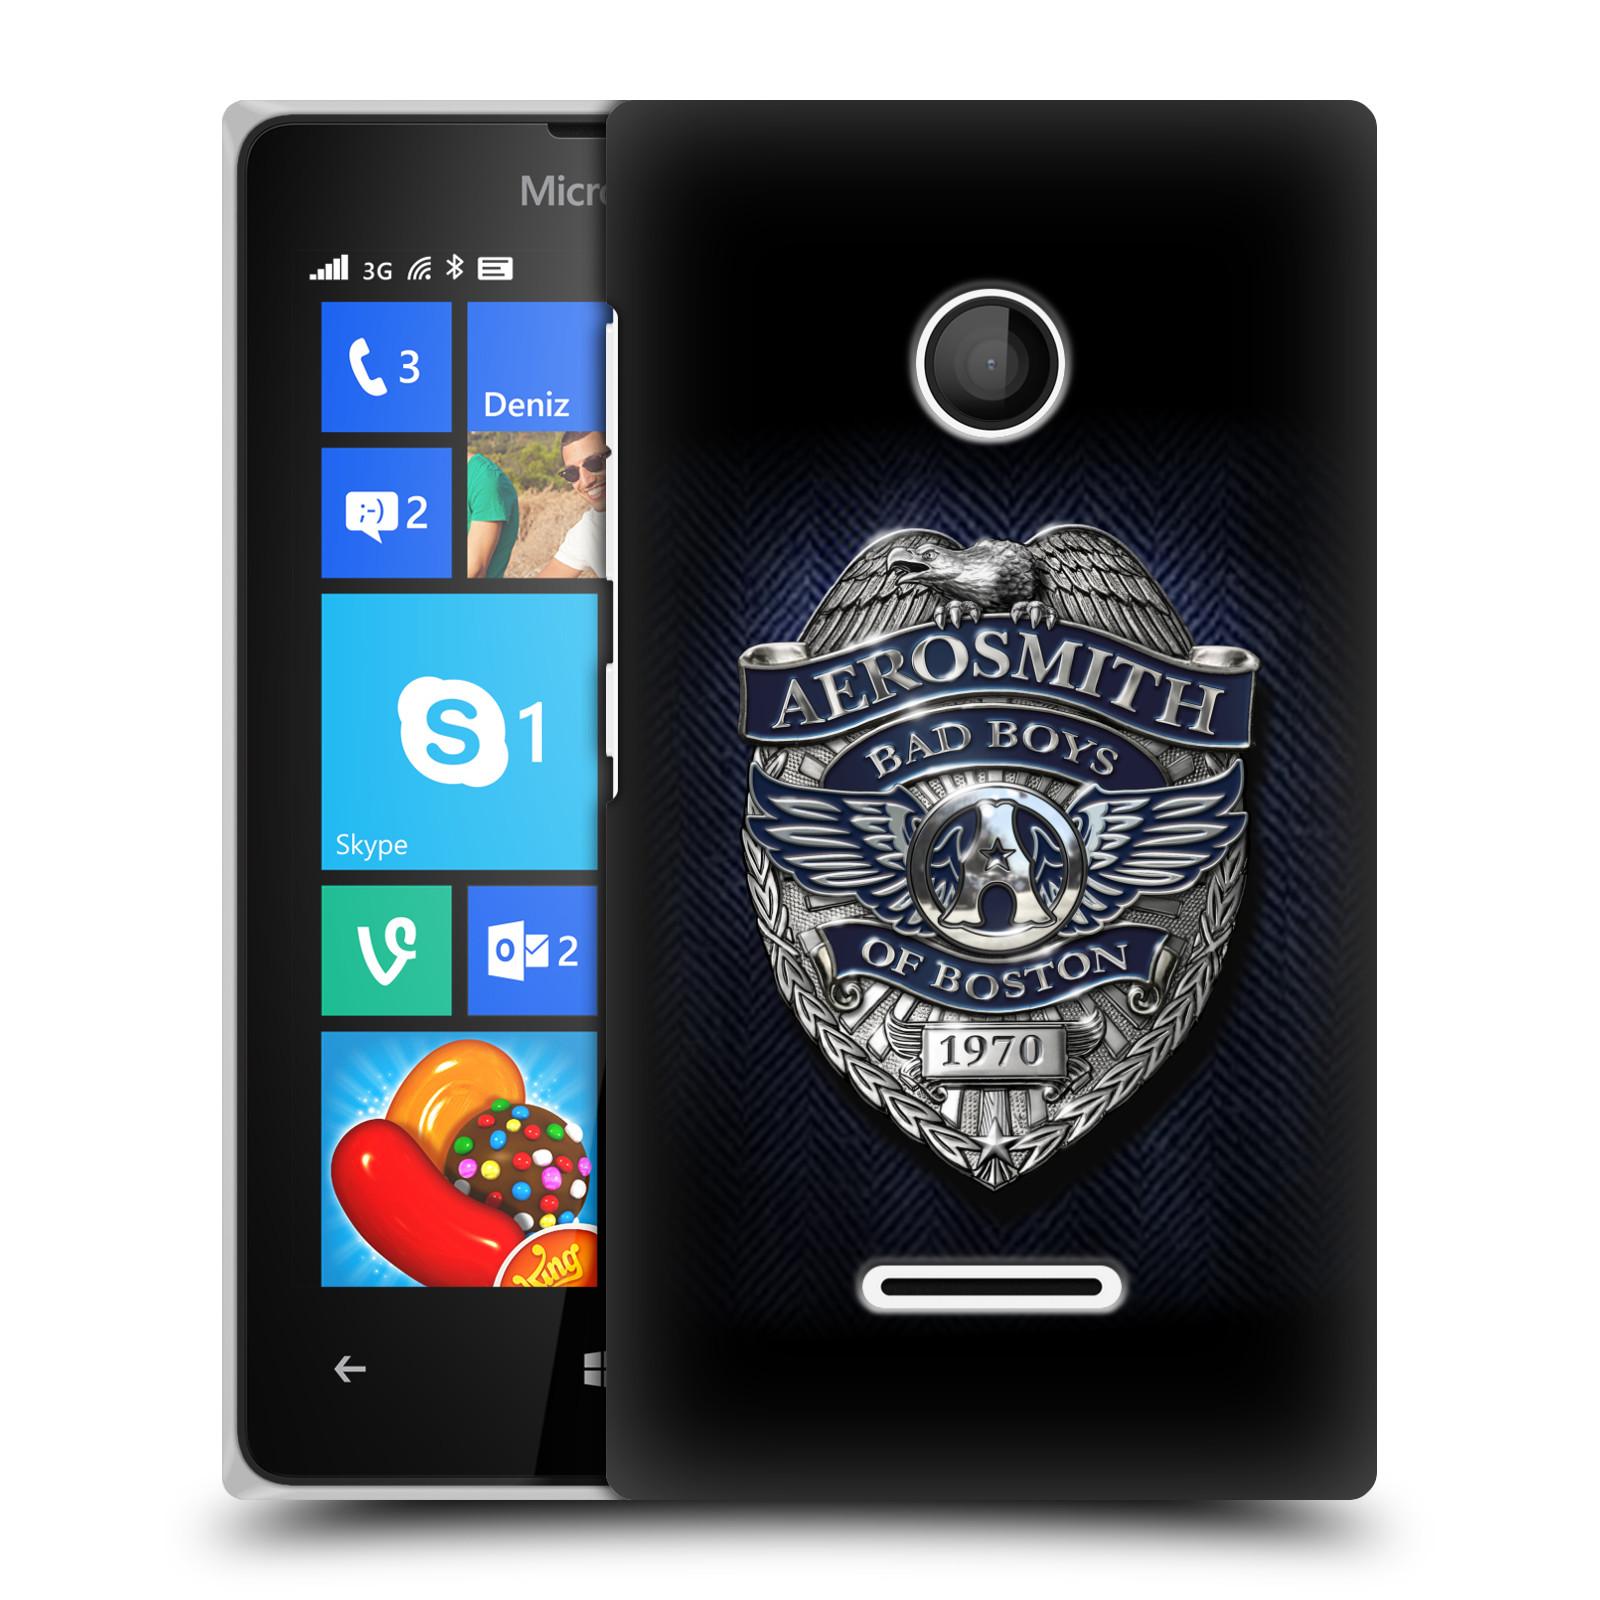 Plastové pouzdro na mobil Microsoft Lumia 435 HEAD CASE - Aerosmith - Bad Boys of Boston